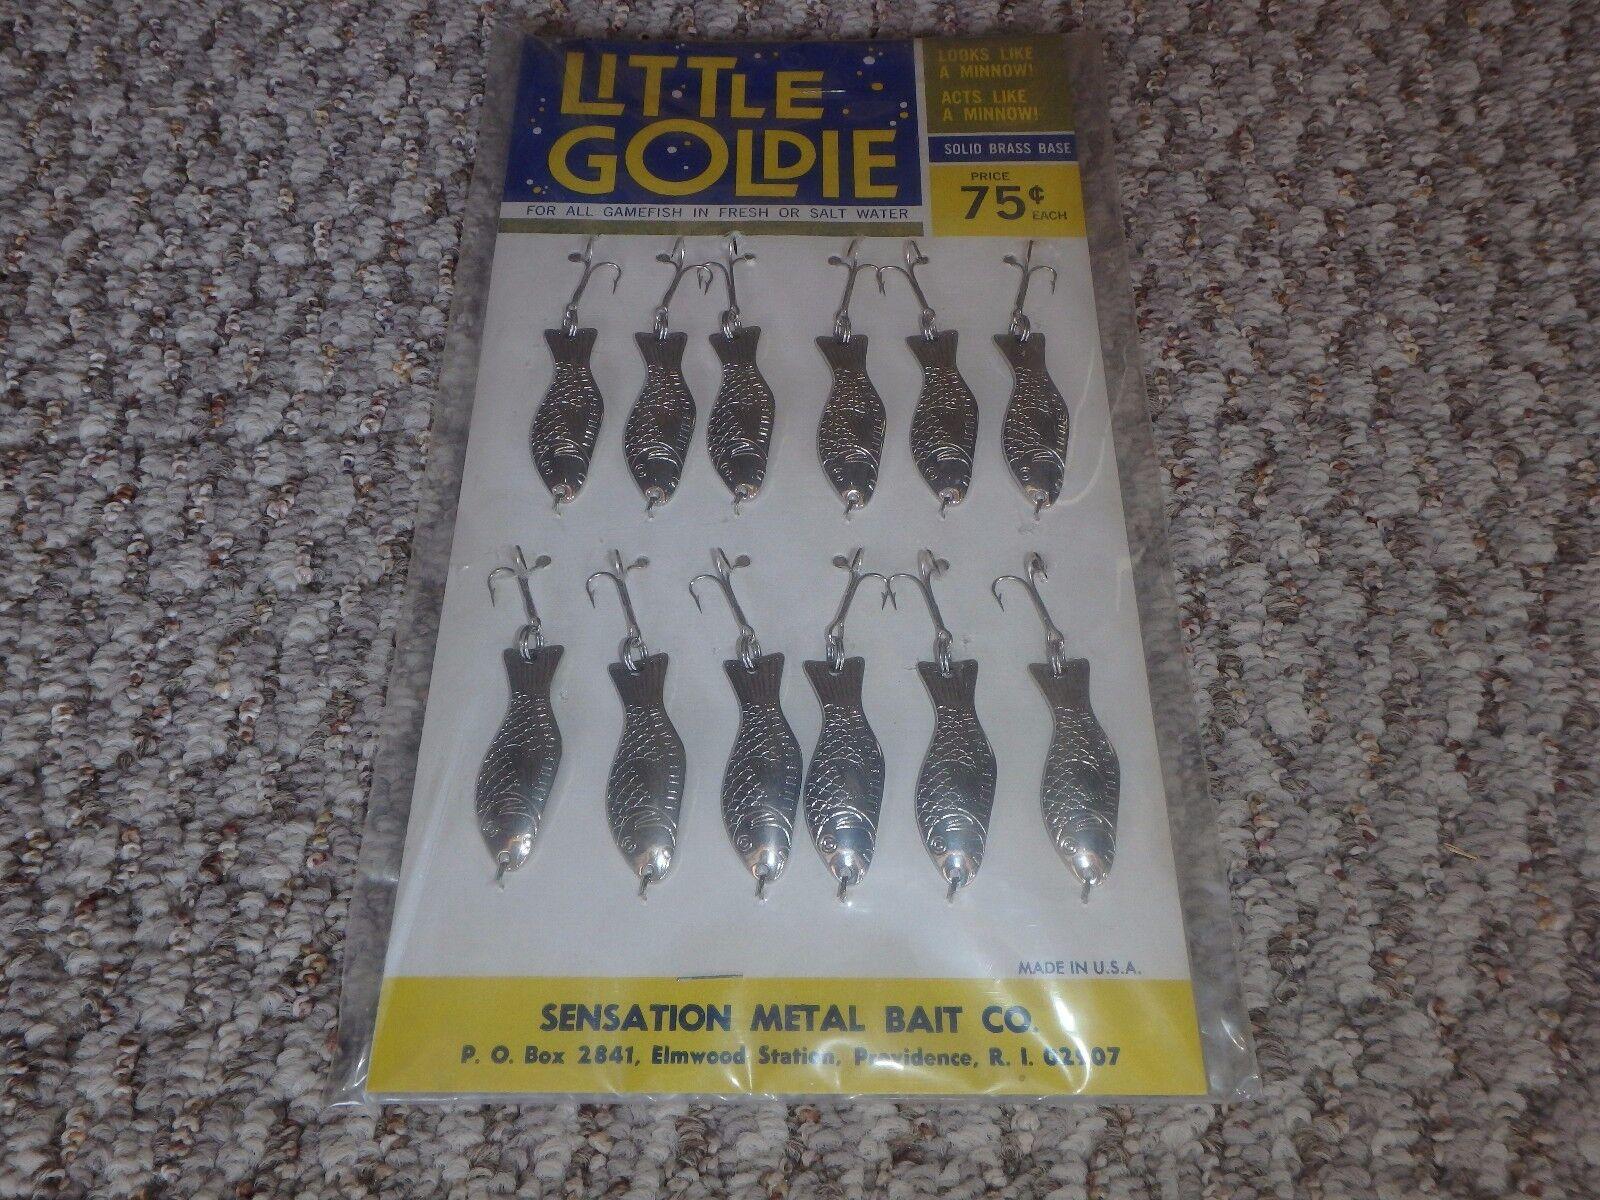 Vintage Lure  Display Card Little goldie Fishing Lures Sensation Metal Bait Co. N  hot sale